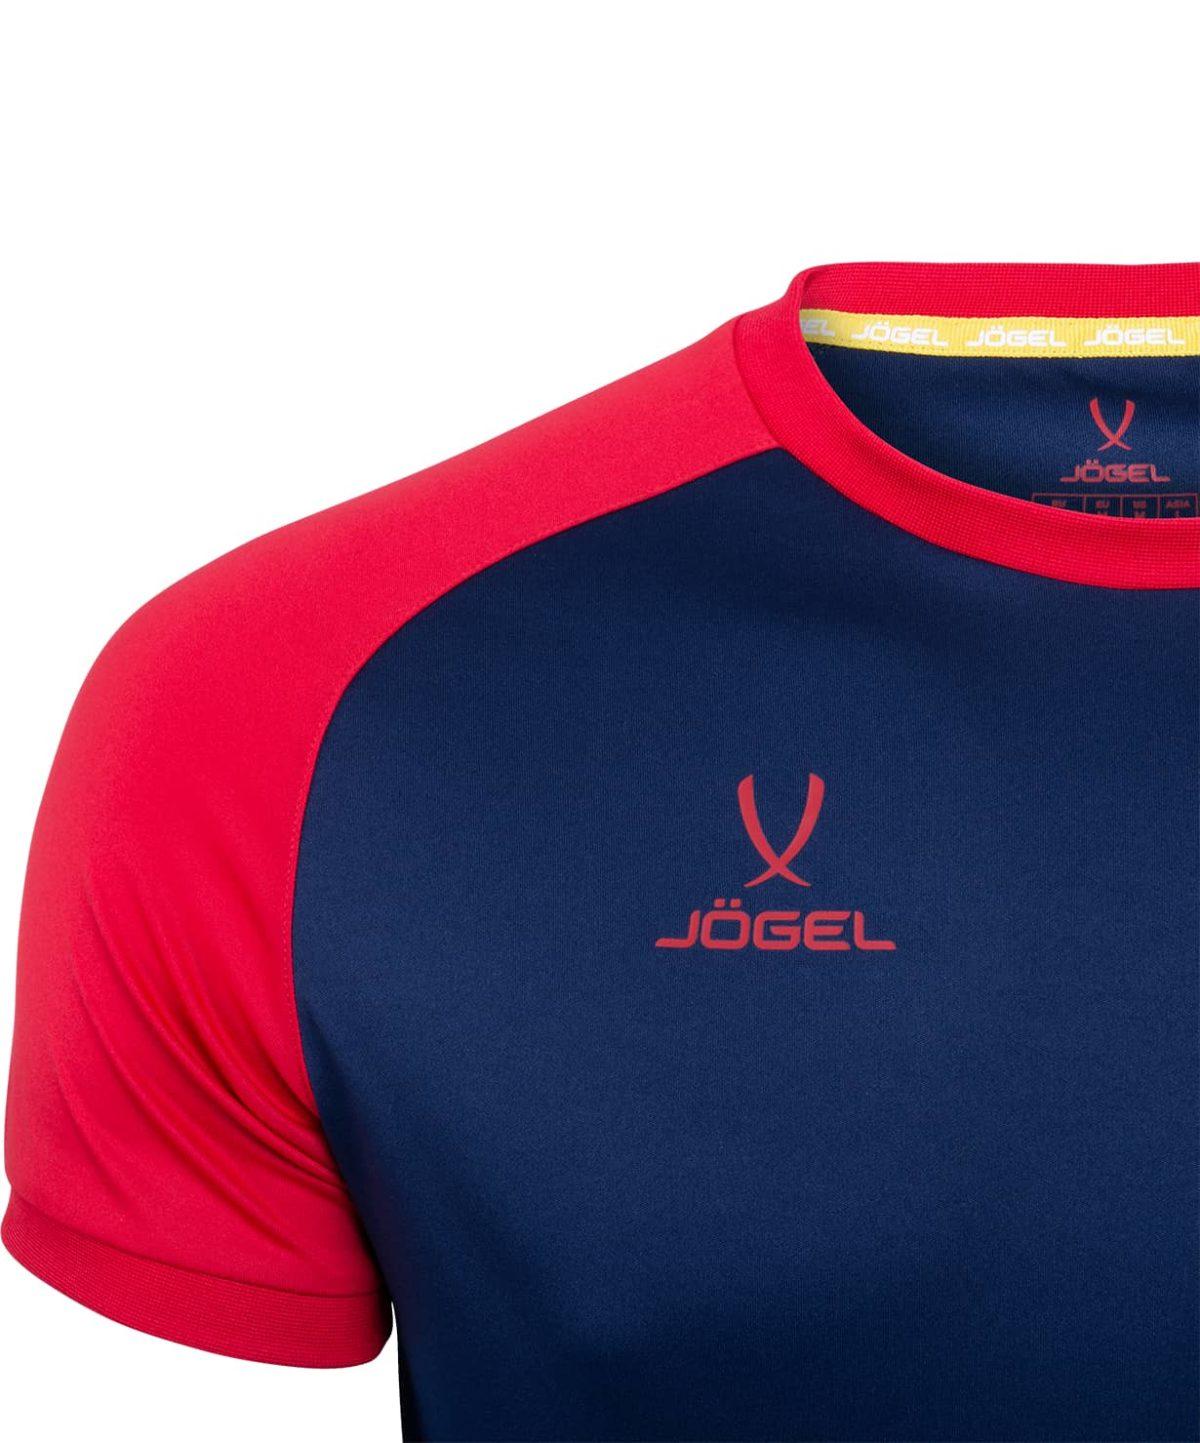 JOGEL CAMP Reglan футболка футбольная  т.синий/красный  JFT-1021-092 - 3